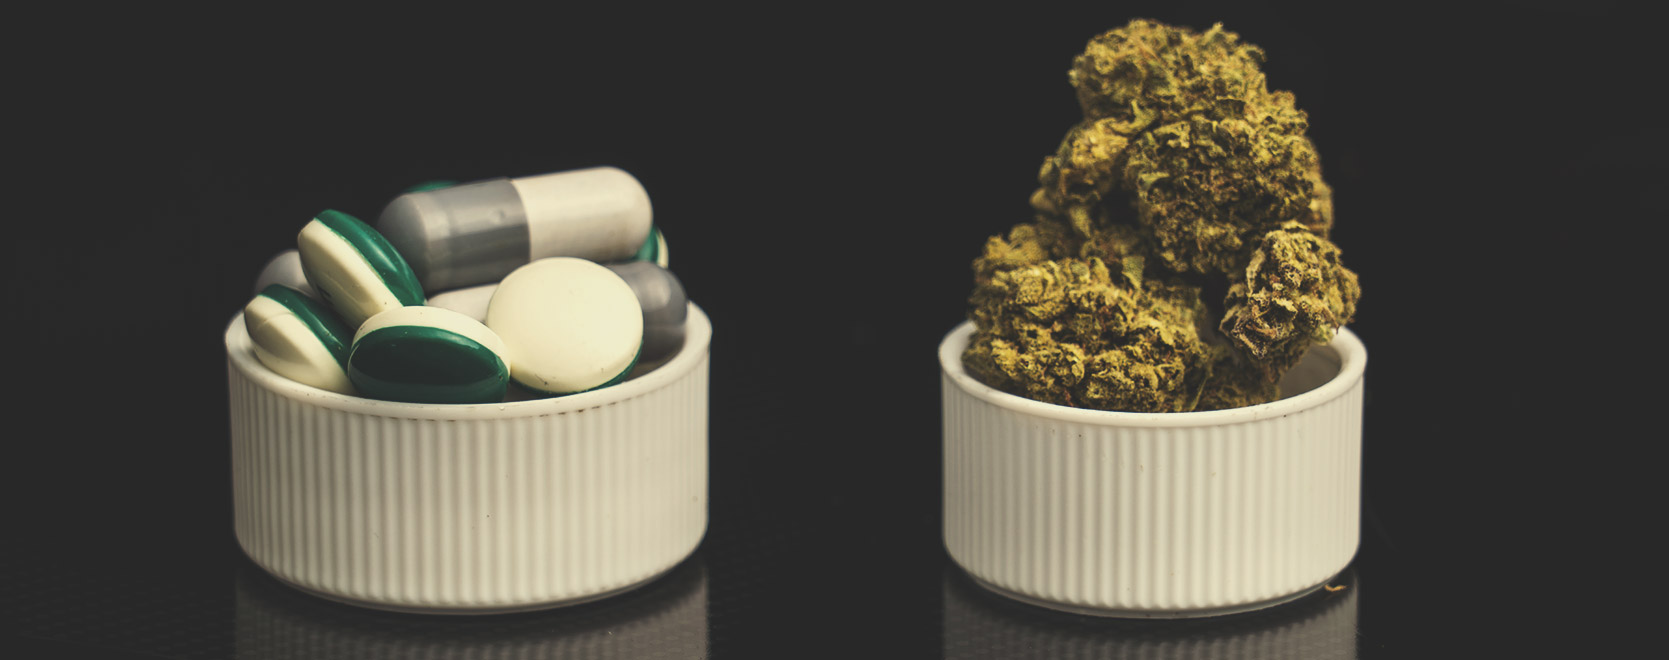 Wat gebeurt er als we opiaten met wiet combineren?